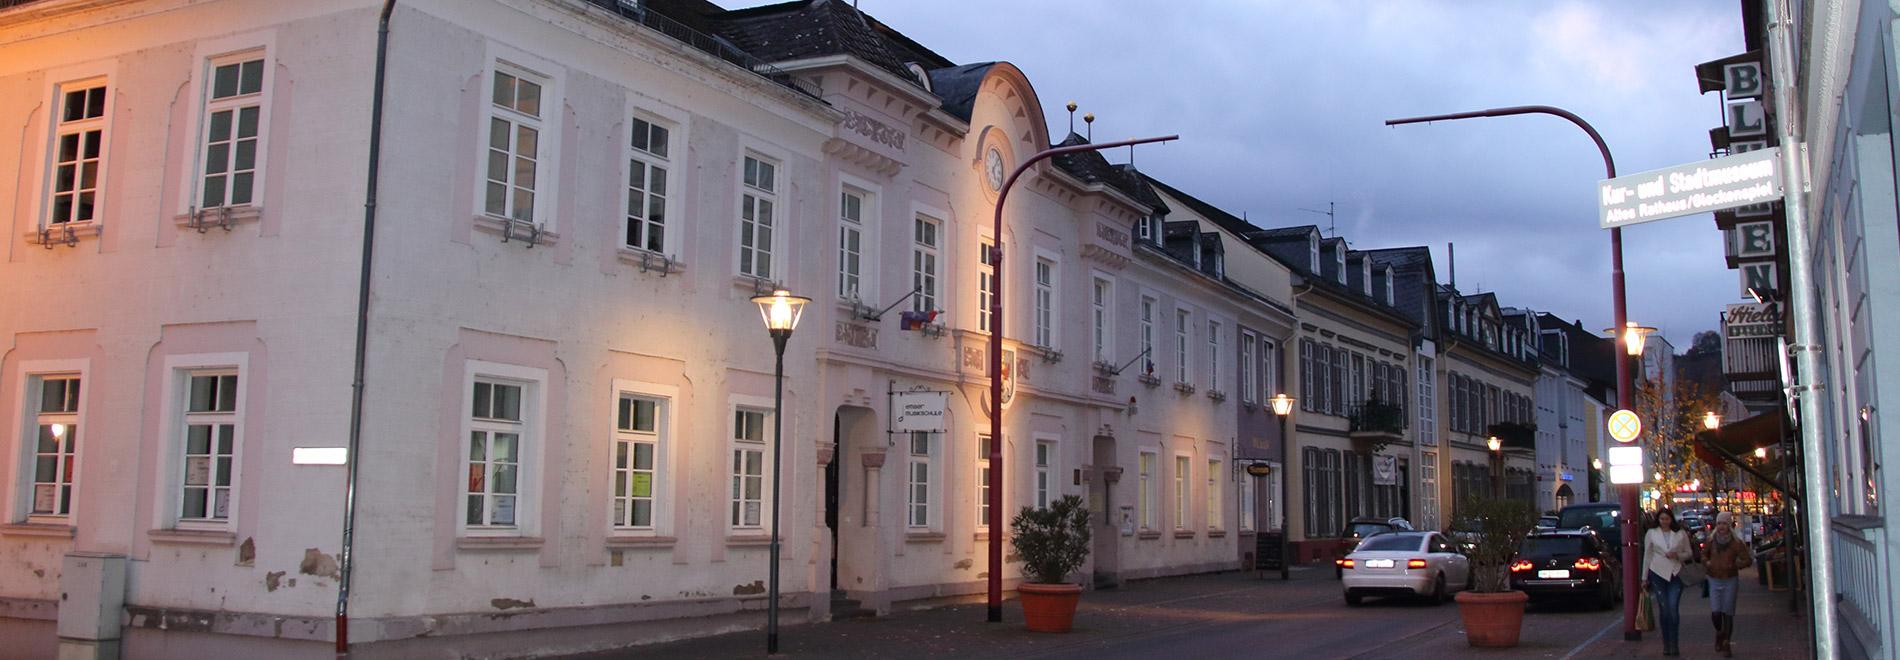 Bad Ems, Stadtsanierung Römerstraße